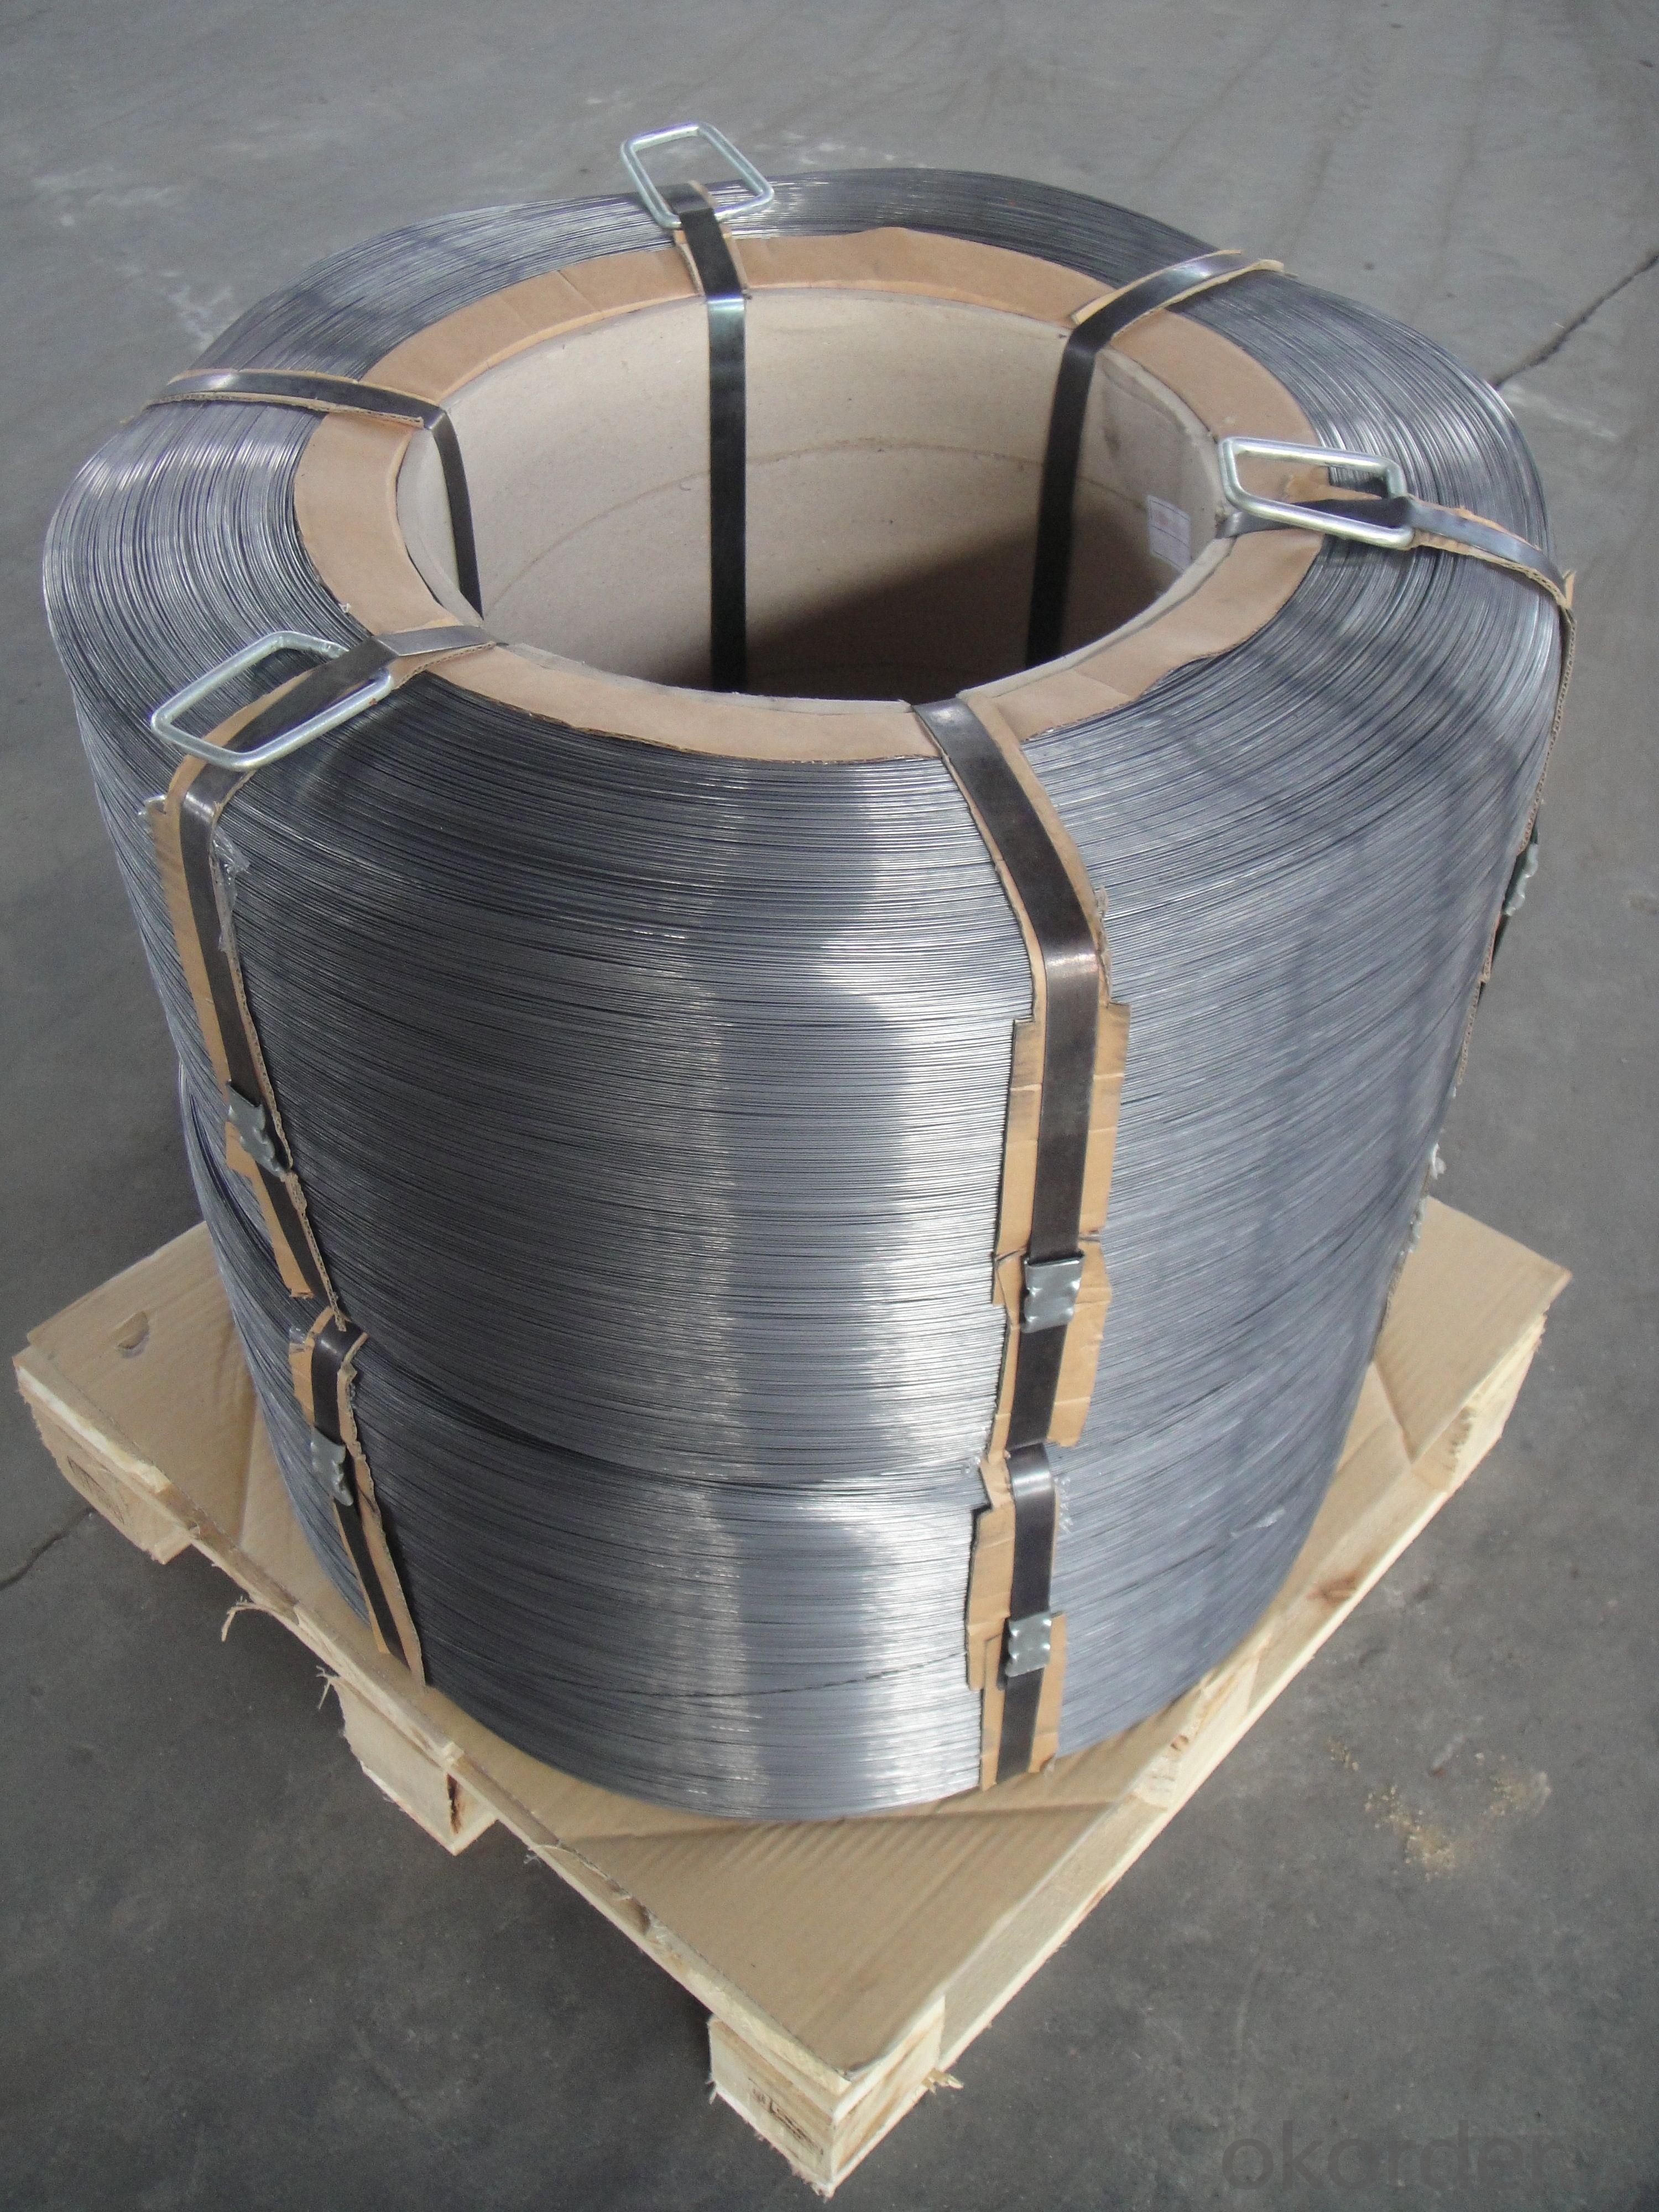 phosphating steel wire